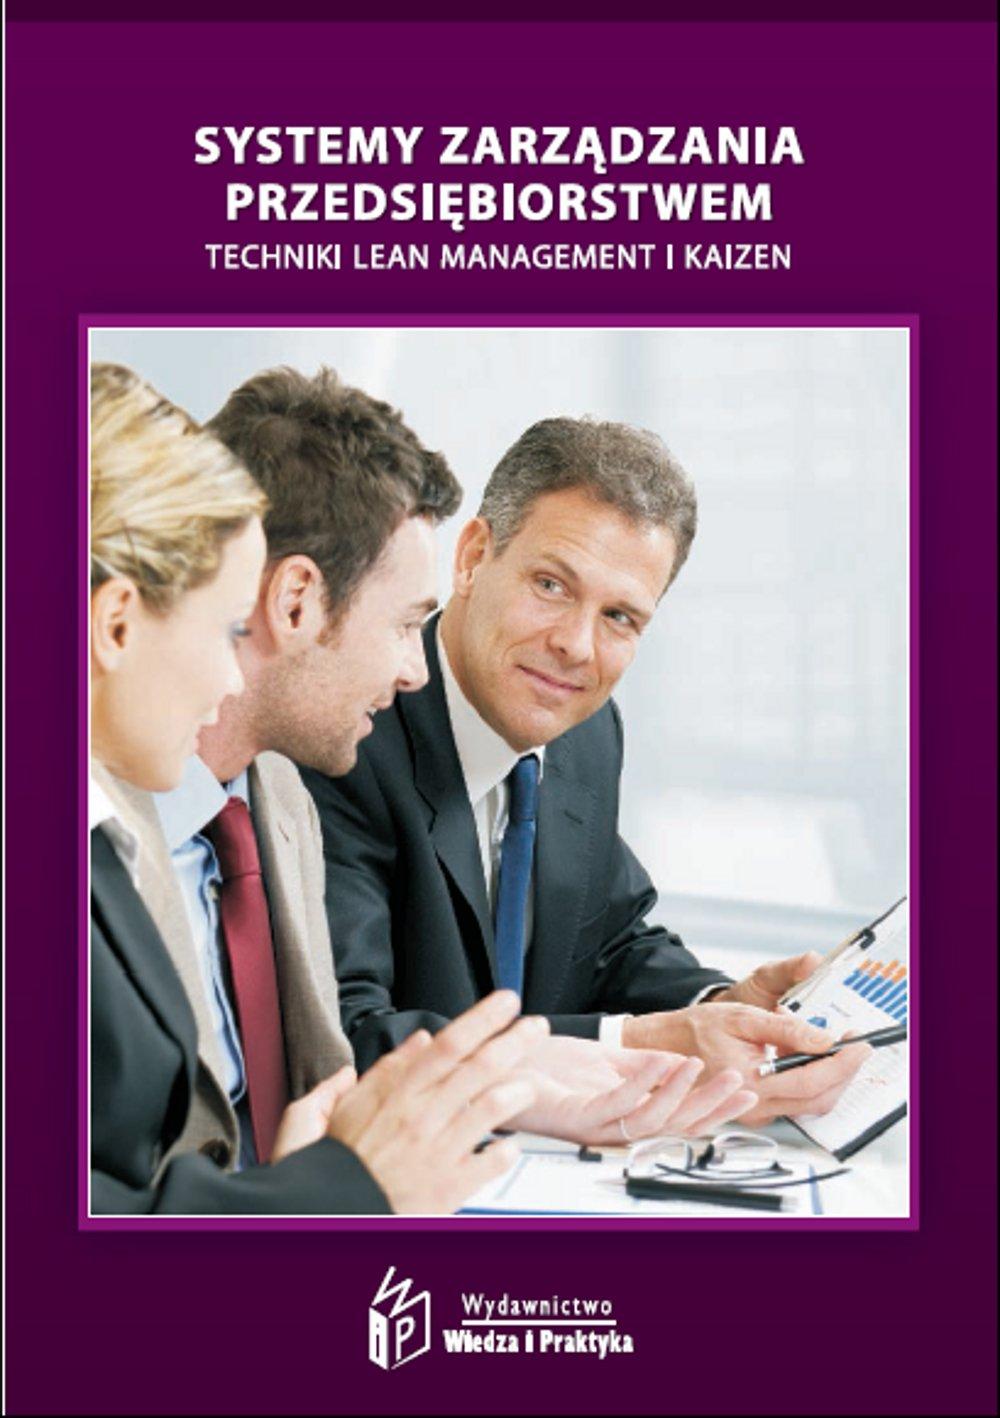 Systemy zarządzania przedsiębiorstwem – techniki Lean Management i Kaizen - Ebook (Książka PDF) do pobrania w formacie PDF